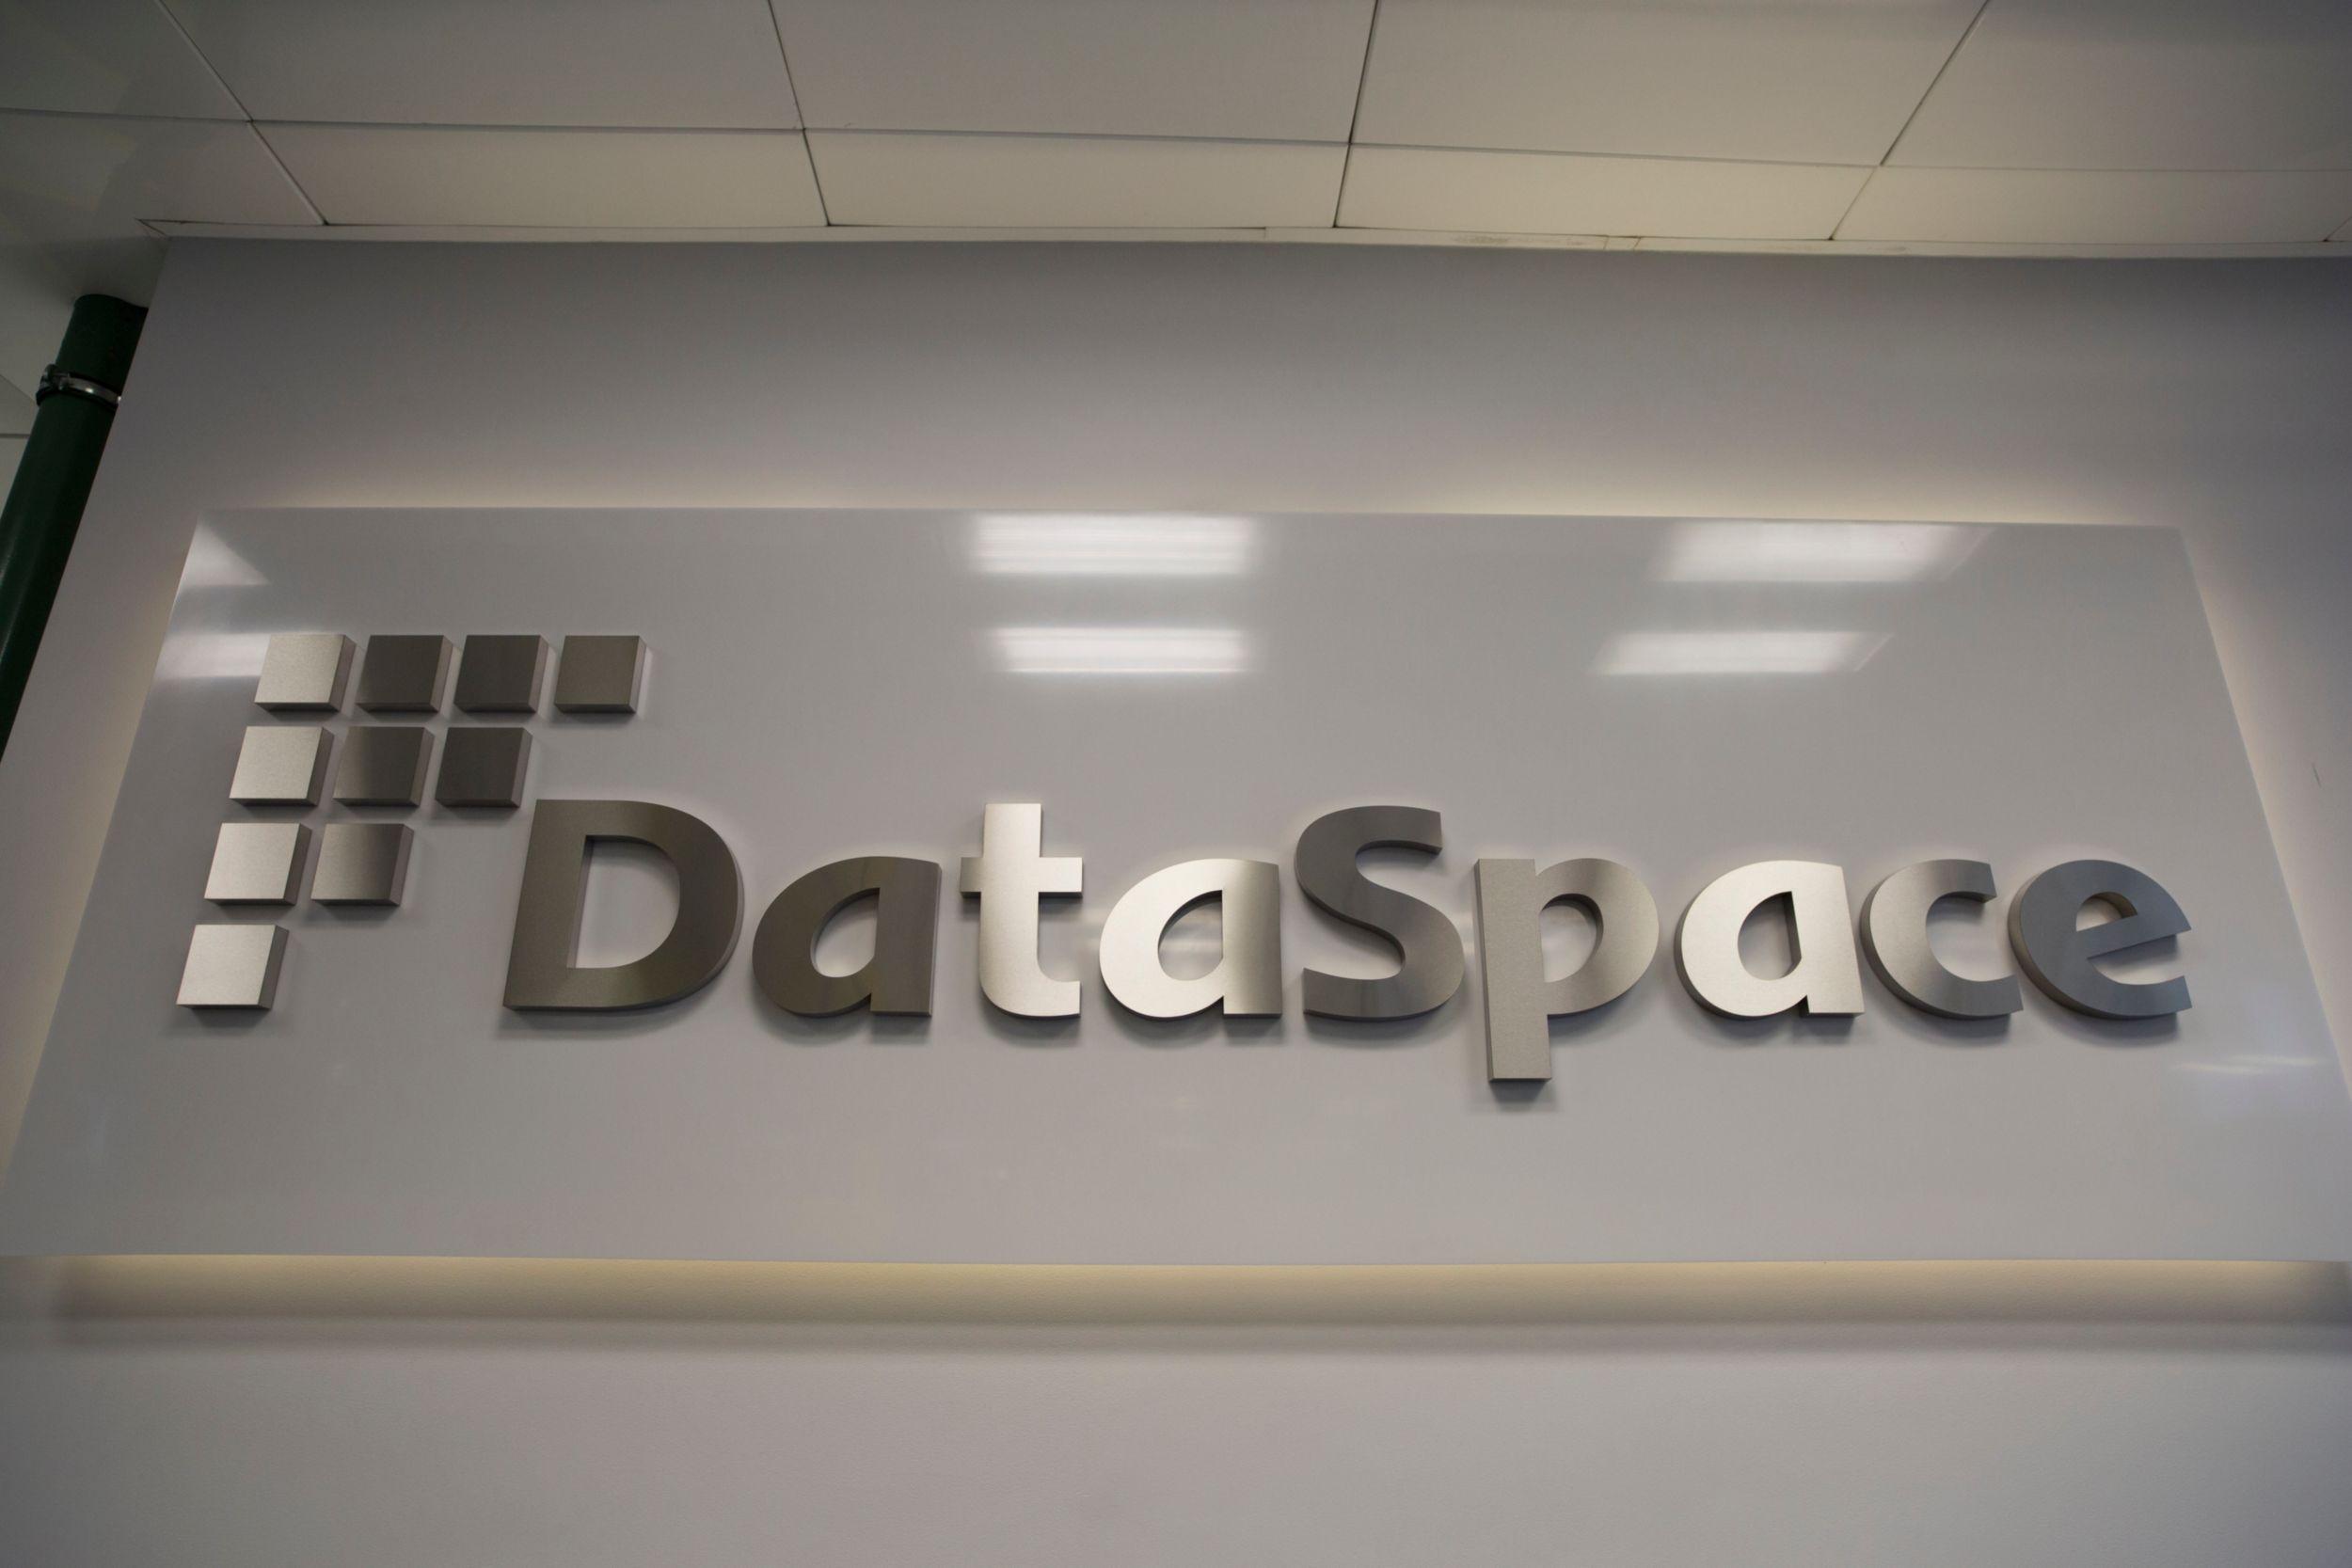 DataSpace является первым в России центром обработки данных, который предоставляет надежное вычислительное пространство, оборудование и сеть высокой пропускной способности для ведущих российских и международных финансовых организаций, а также телекоммуникационных компаний, работающих в России.